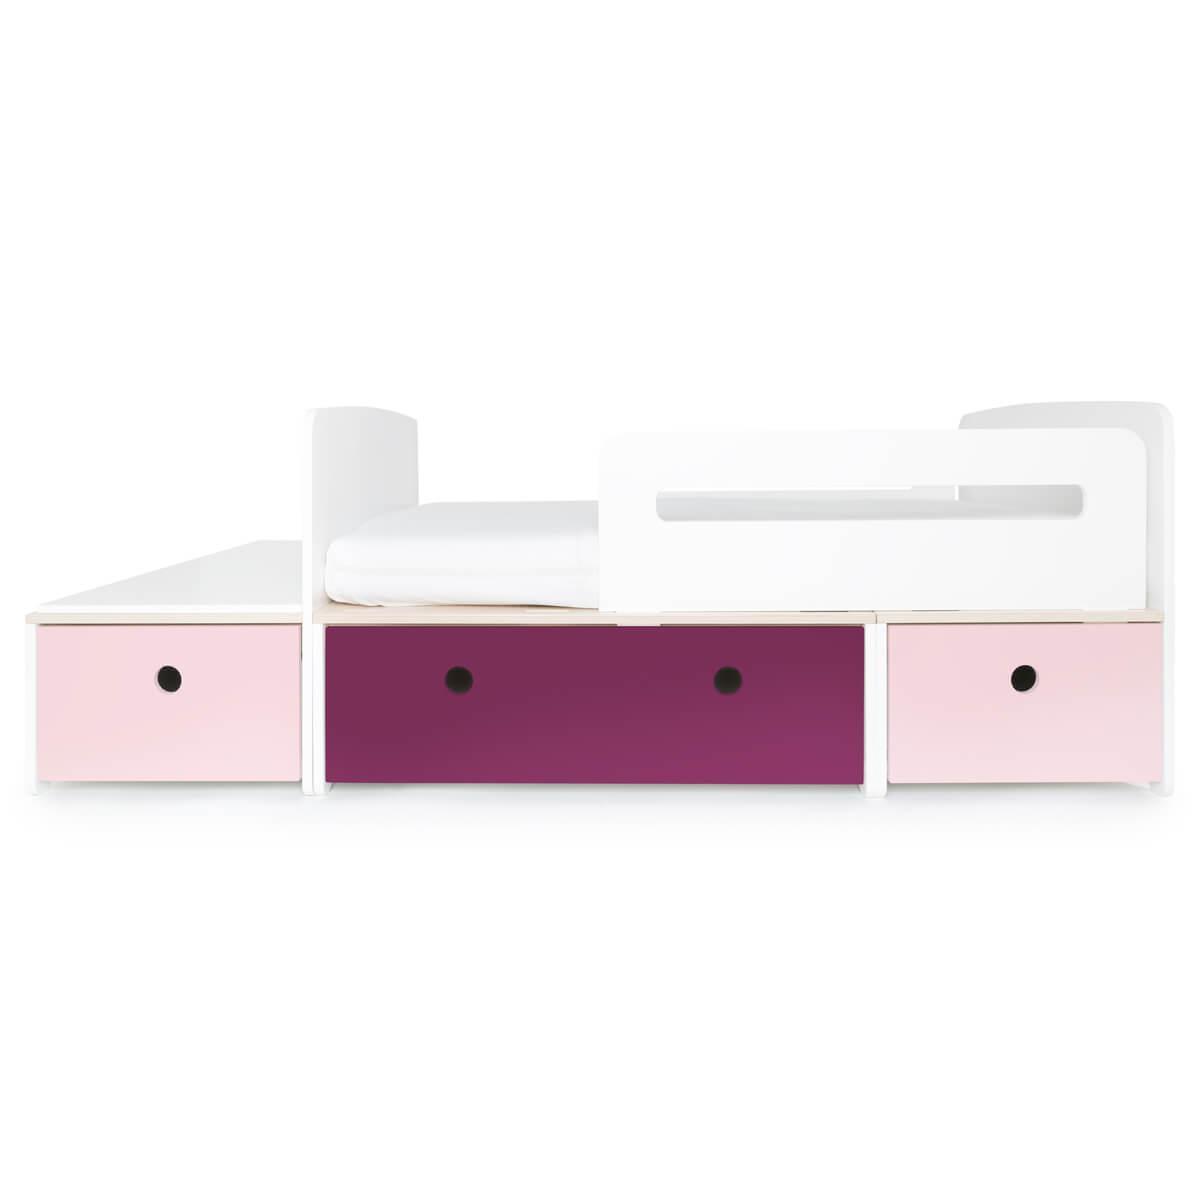 Juniorbett mitwachsend 90x150/200cm COLORFLEX sweet pink-plum-sweet pink